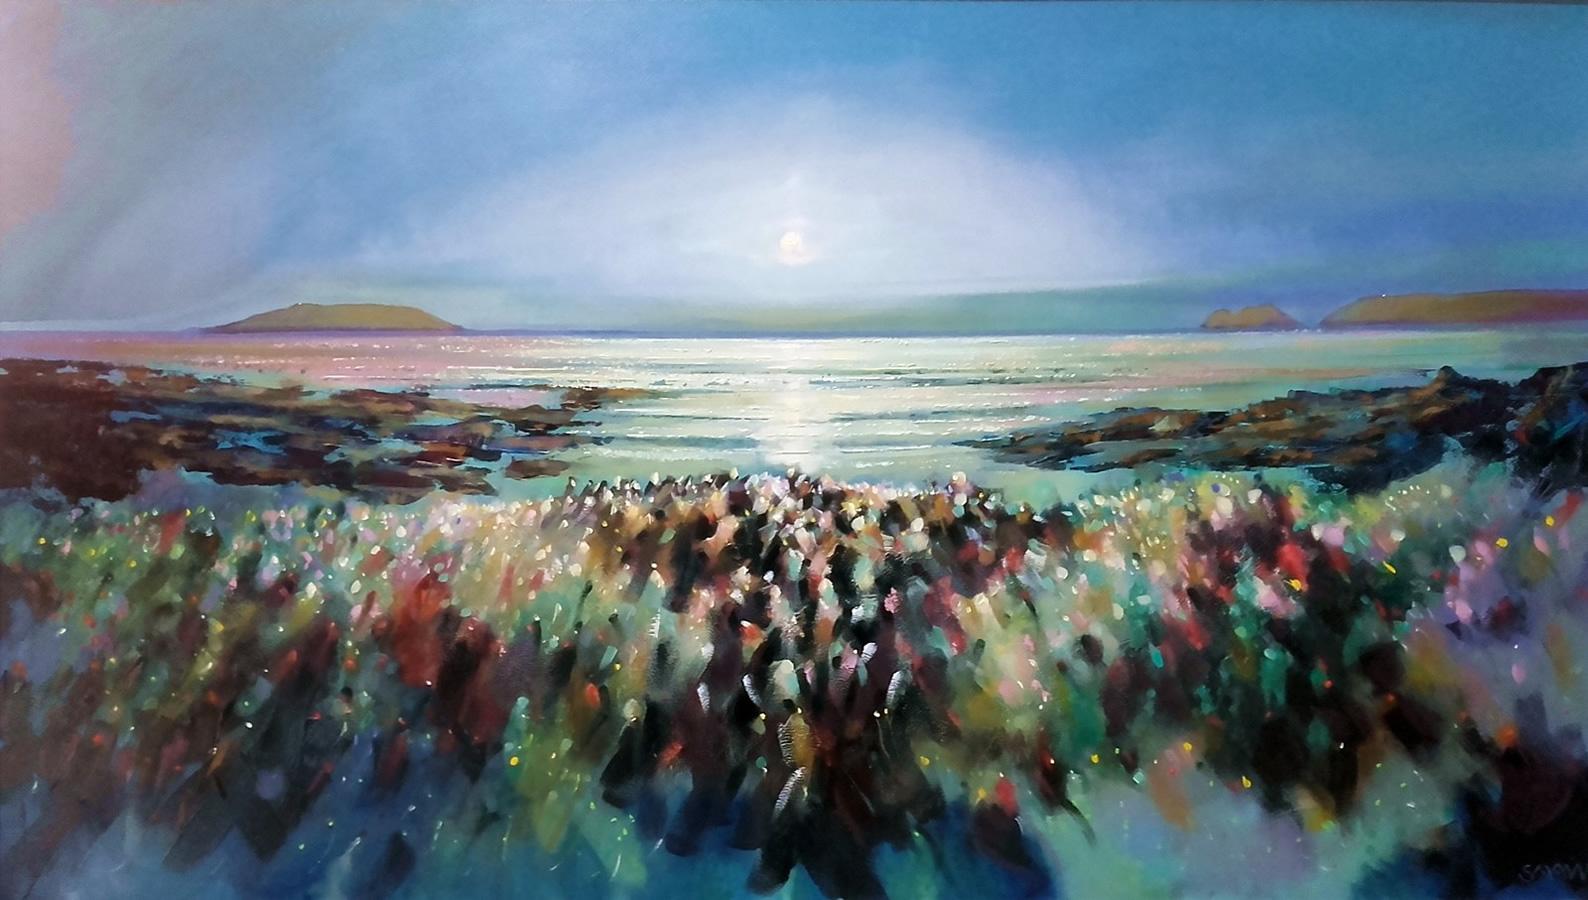 Solstice Moon - Robert Shaw